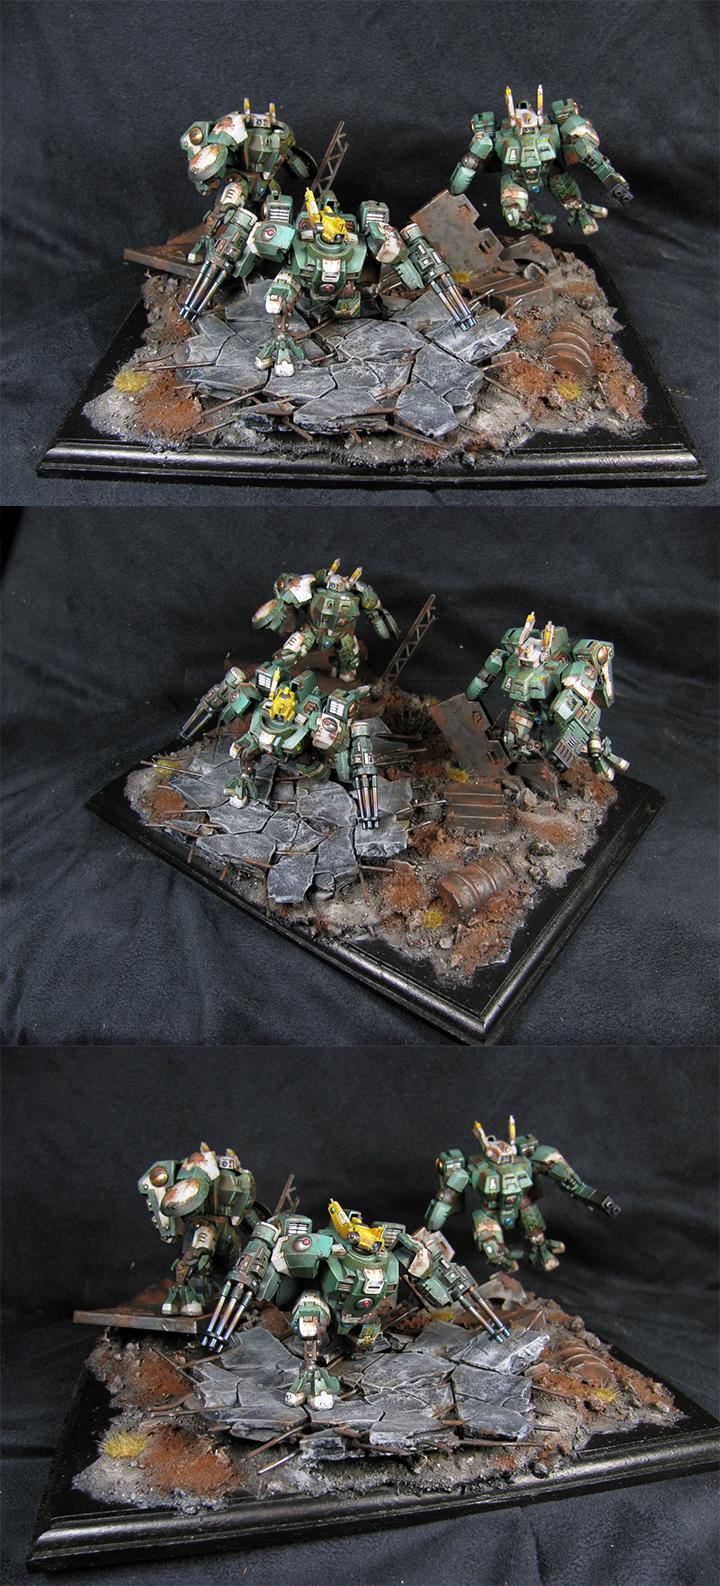 Crisis Battlesuit, Diorama, Tau, Team, Unit, Warhammer 40,000